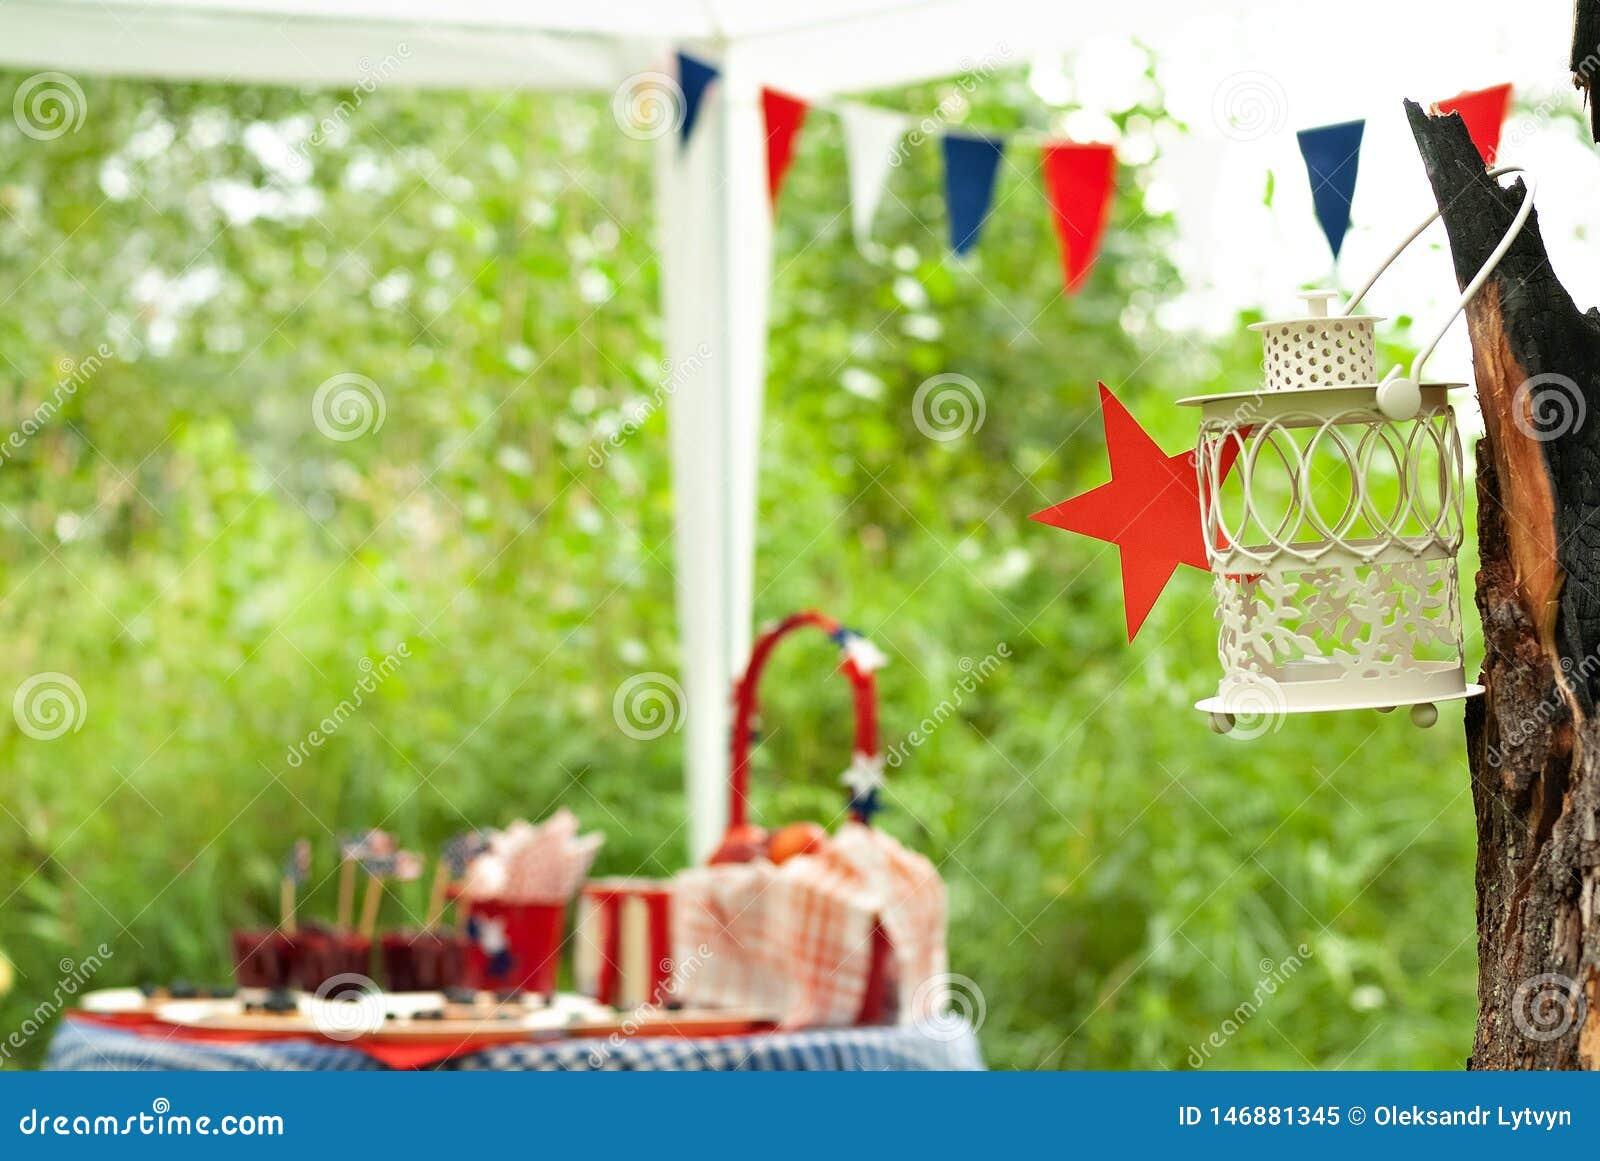 Linterna en un árbol durante una comida campestre